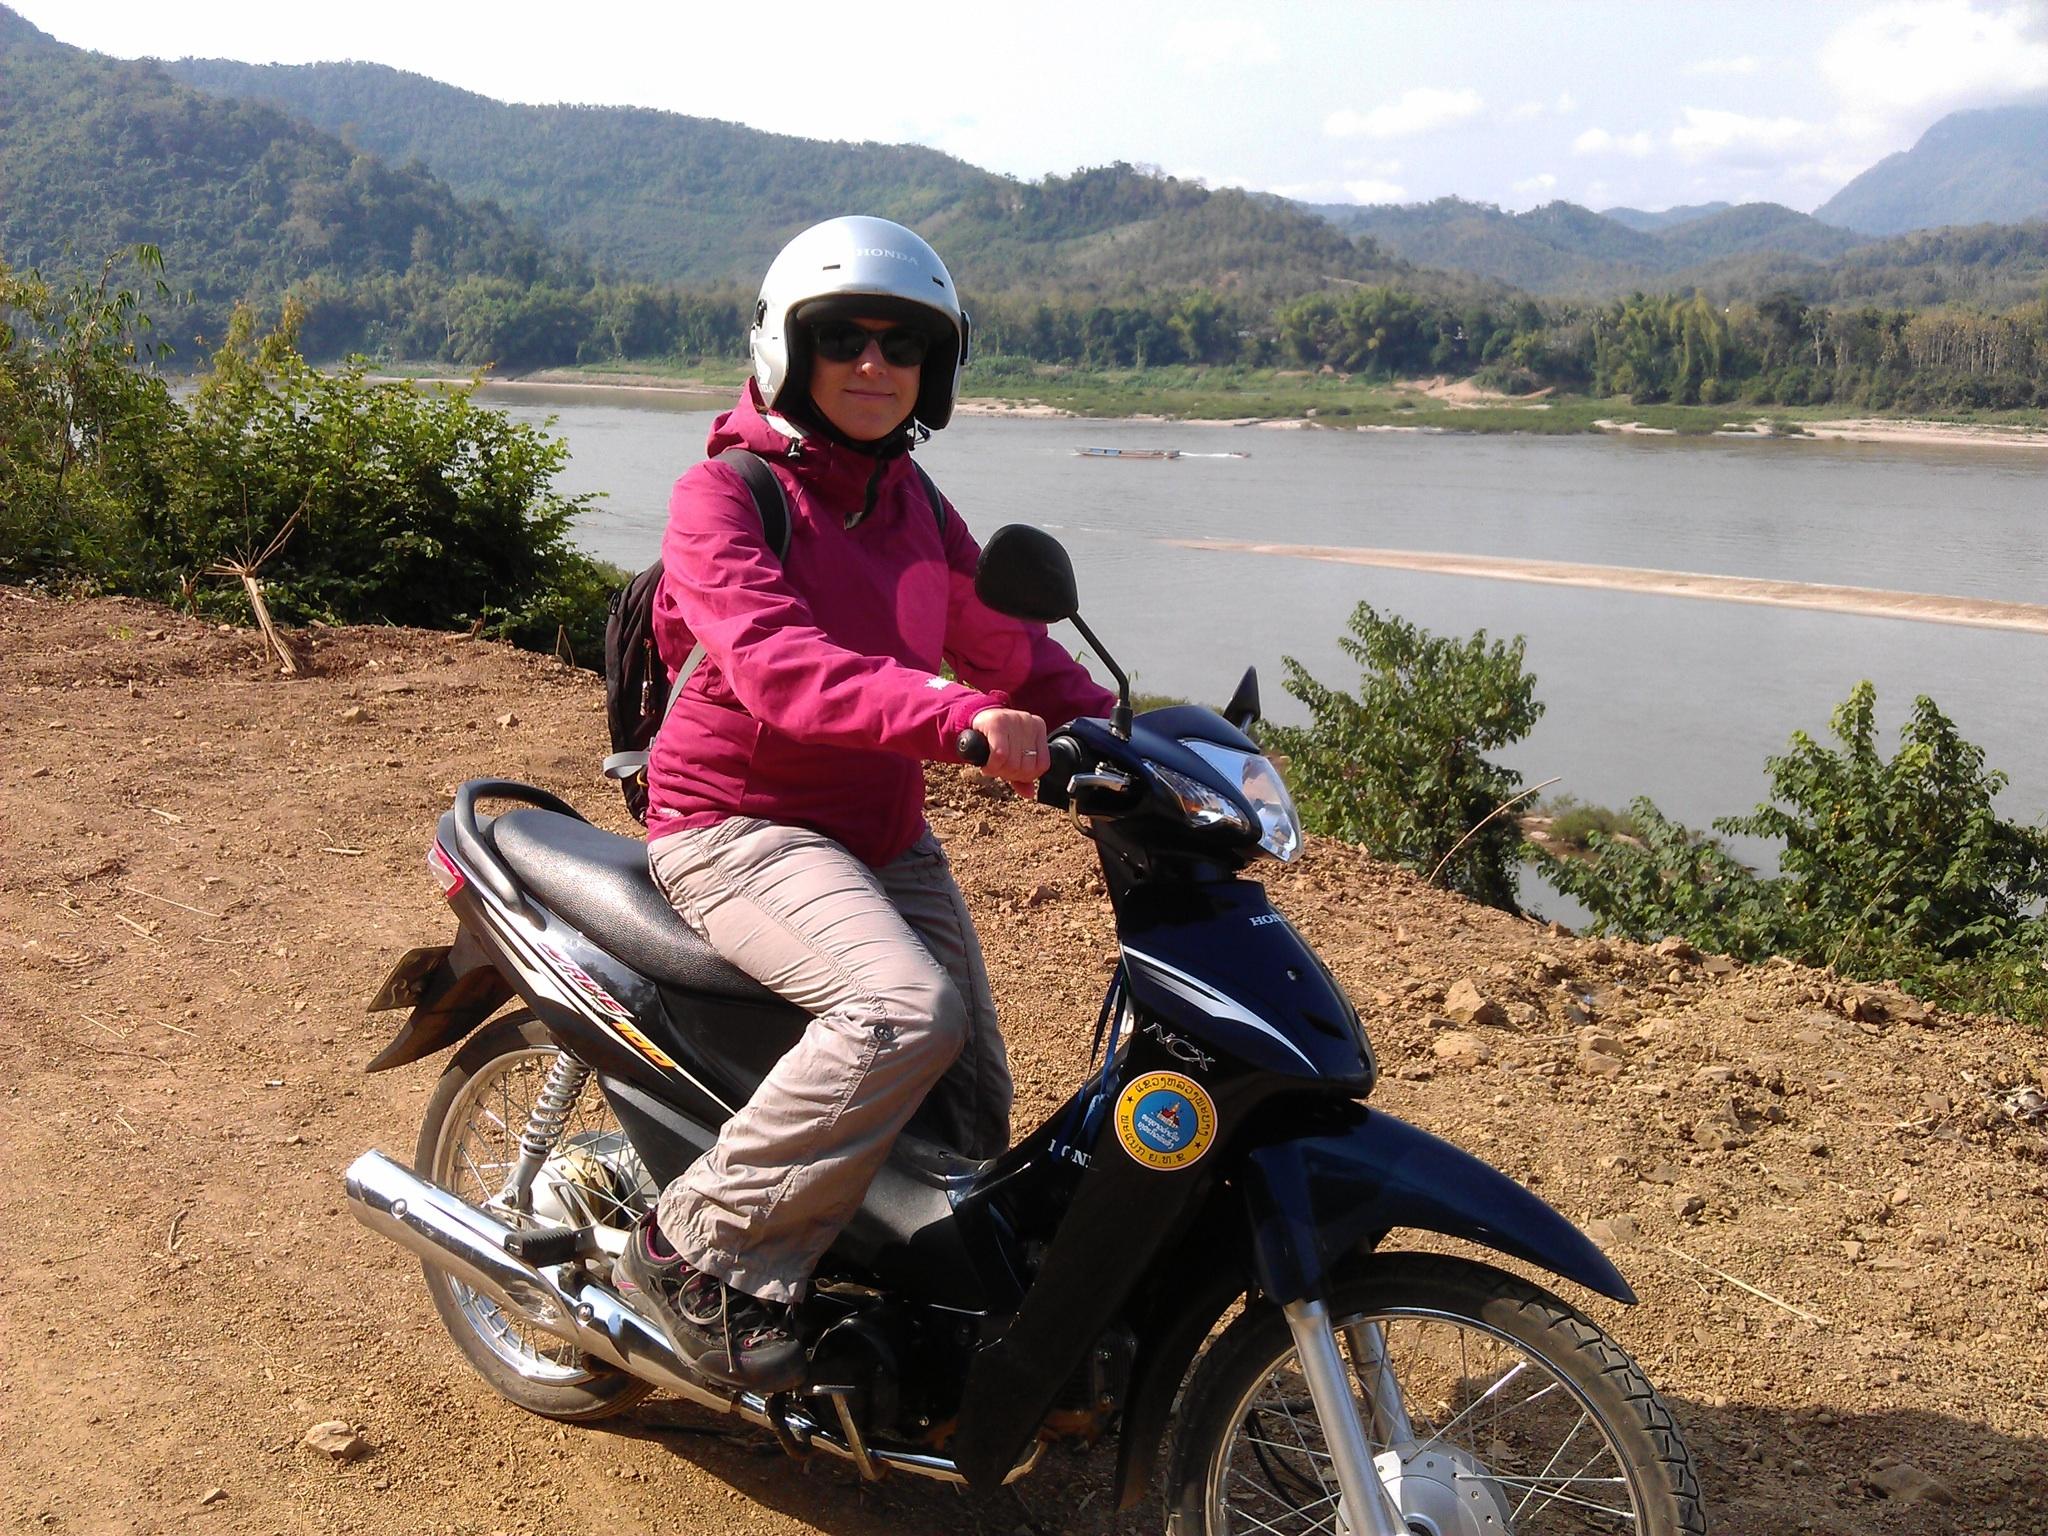 Erstes Gasgeben von Stefanie auf dem Moped: Nach einem Blitzstart auf der Sandpiste und einer geschickten Hangbremsung ohne hinzufallen geht es danach schon ganz gut.